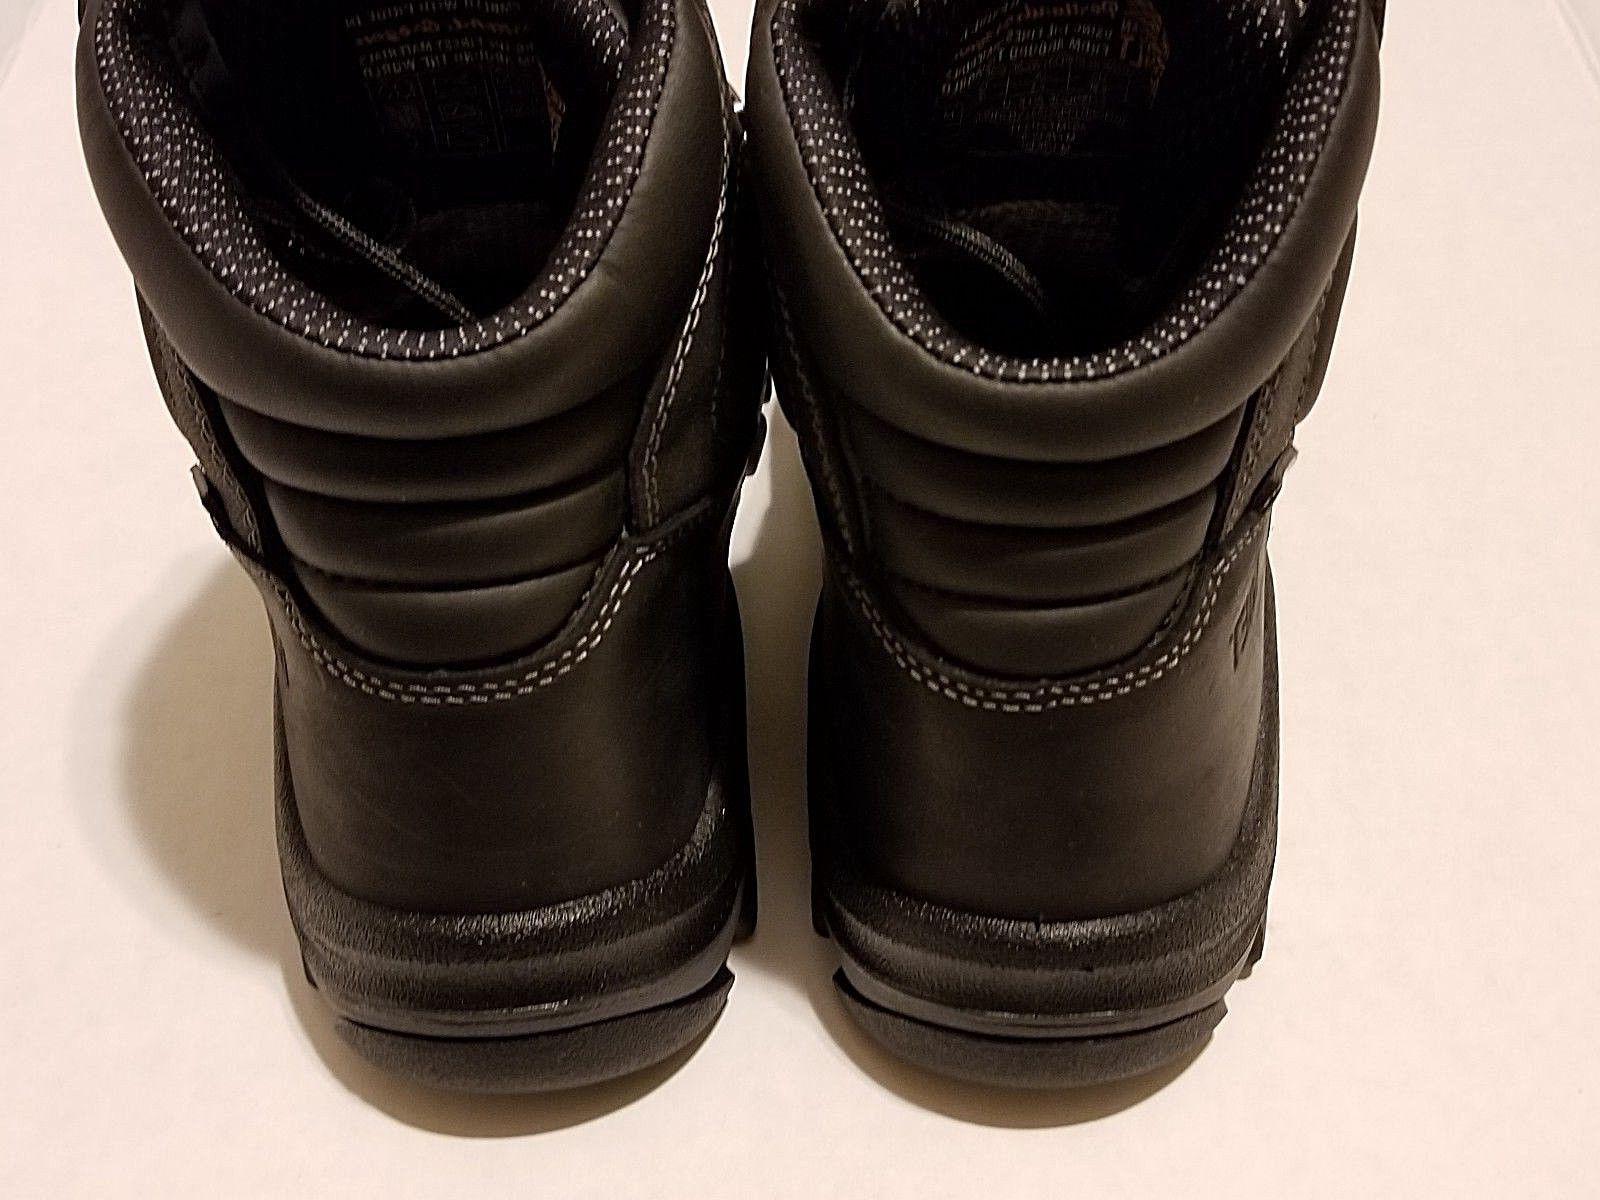 Met Steel Boots - Sz D